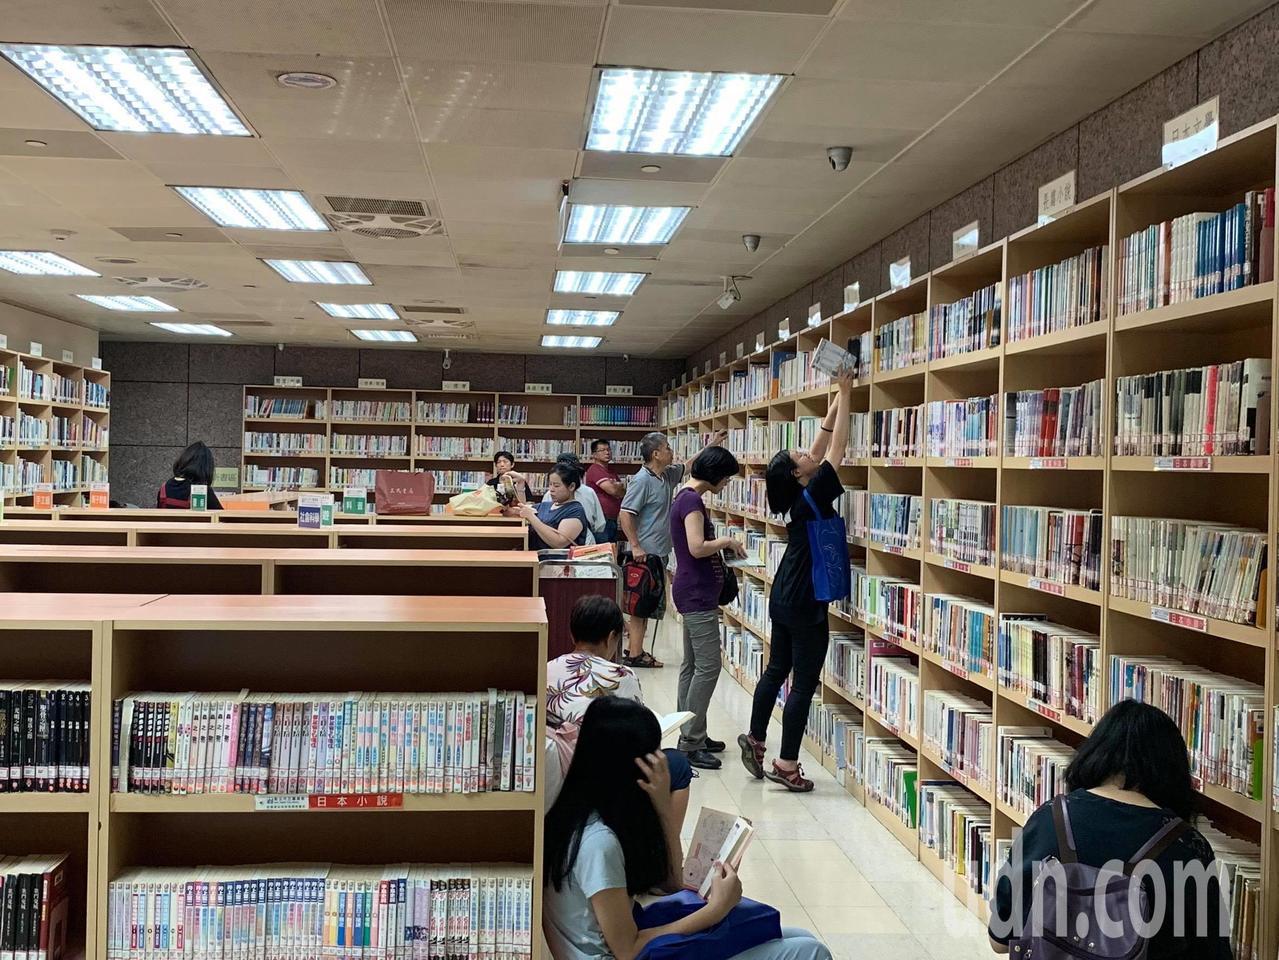 板橋智慧圖書館主打無人服務,除了有自助借還圖書設備,還有電子感應閘門,除了國定假...